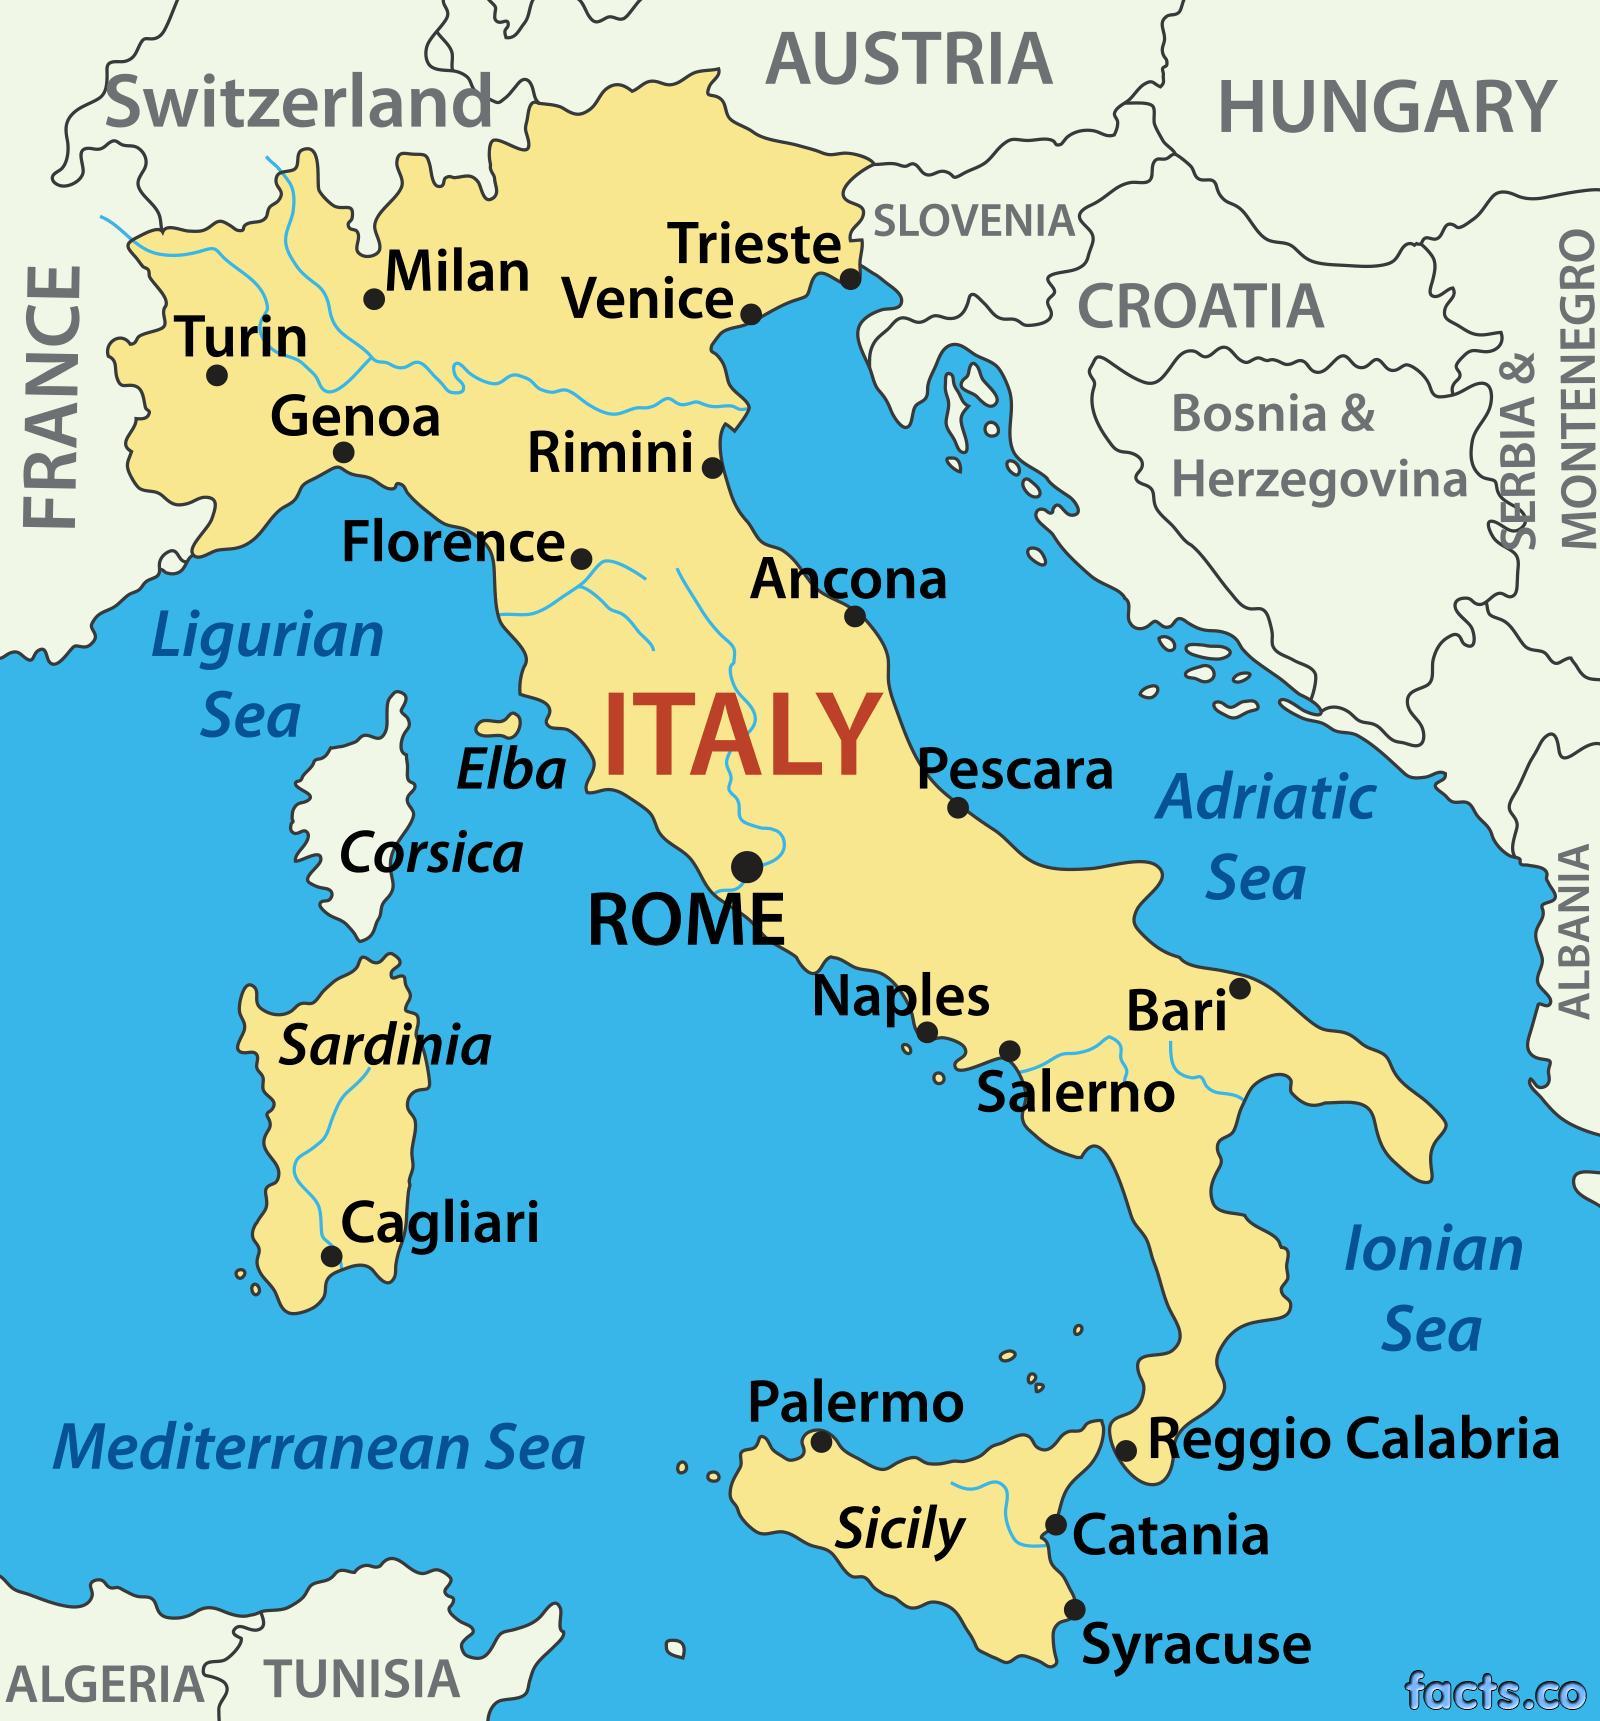 Italien Havet Kort Kort Over Italien Over Havet Det Sydlige